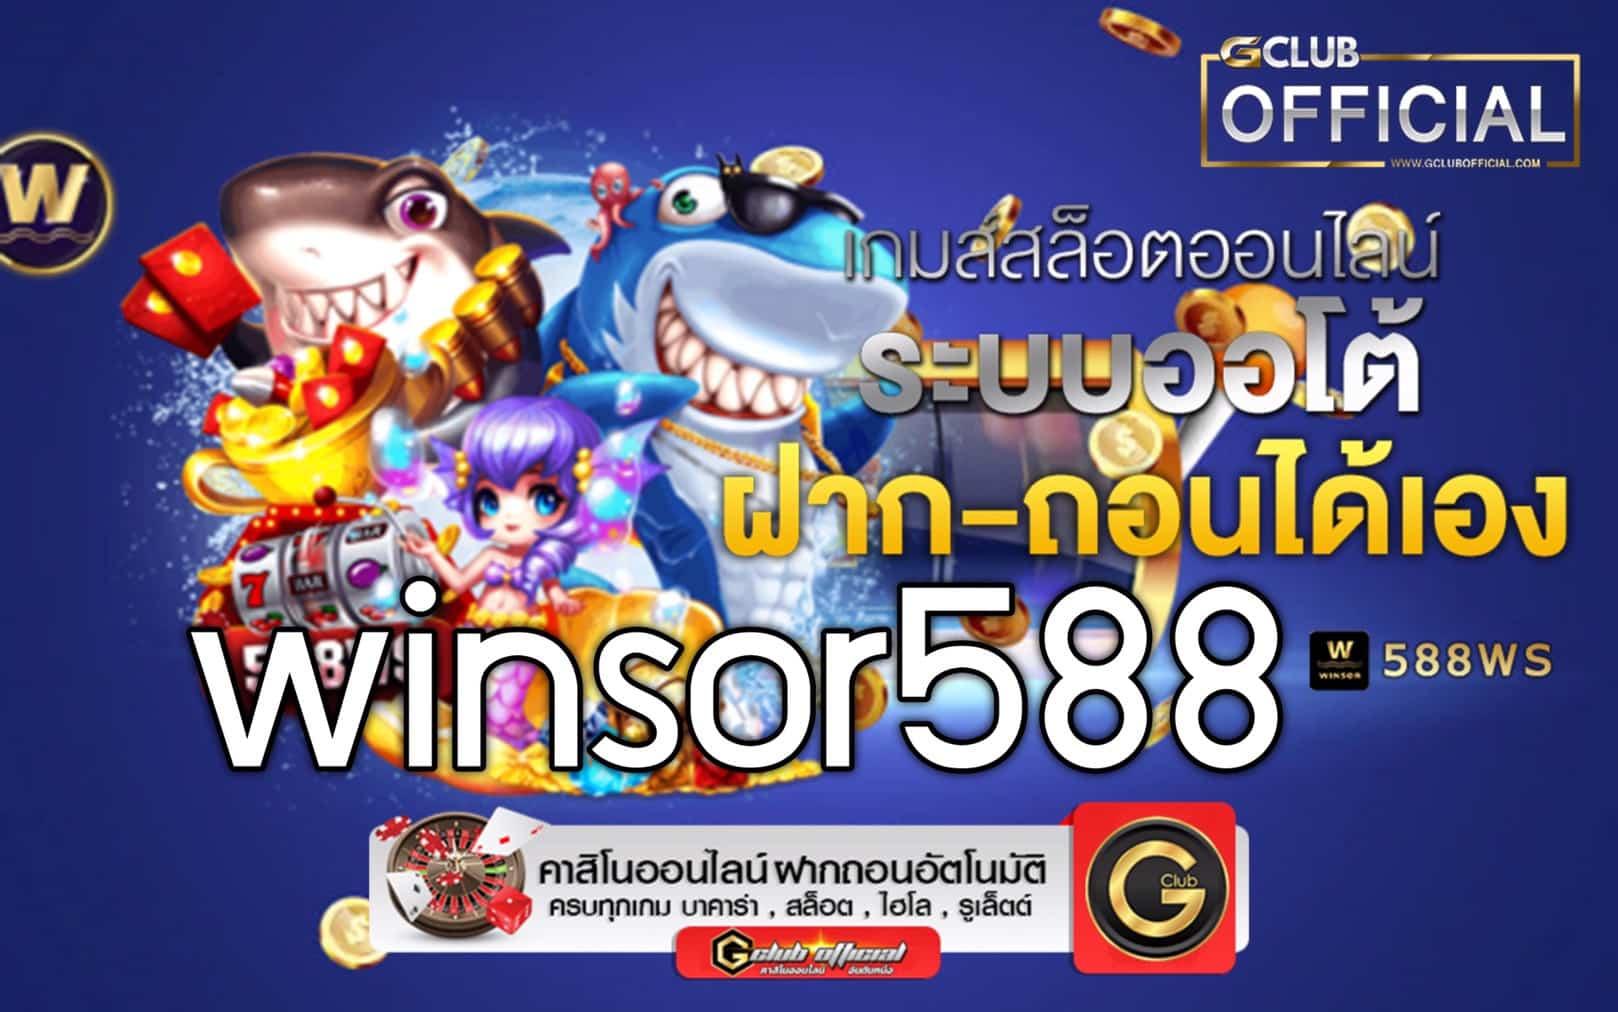 winsor588 ระบบฝากถอนออโต้